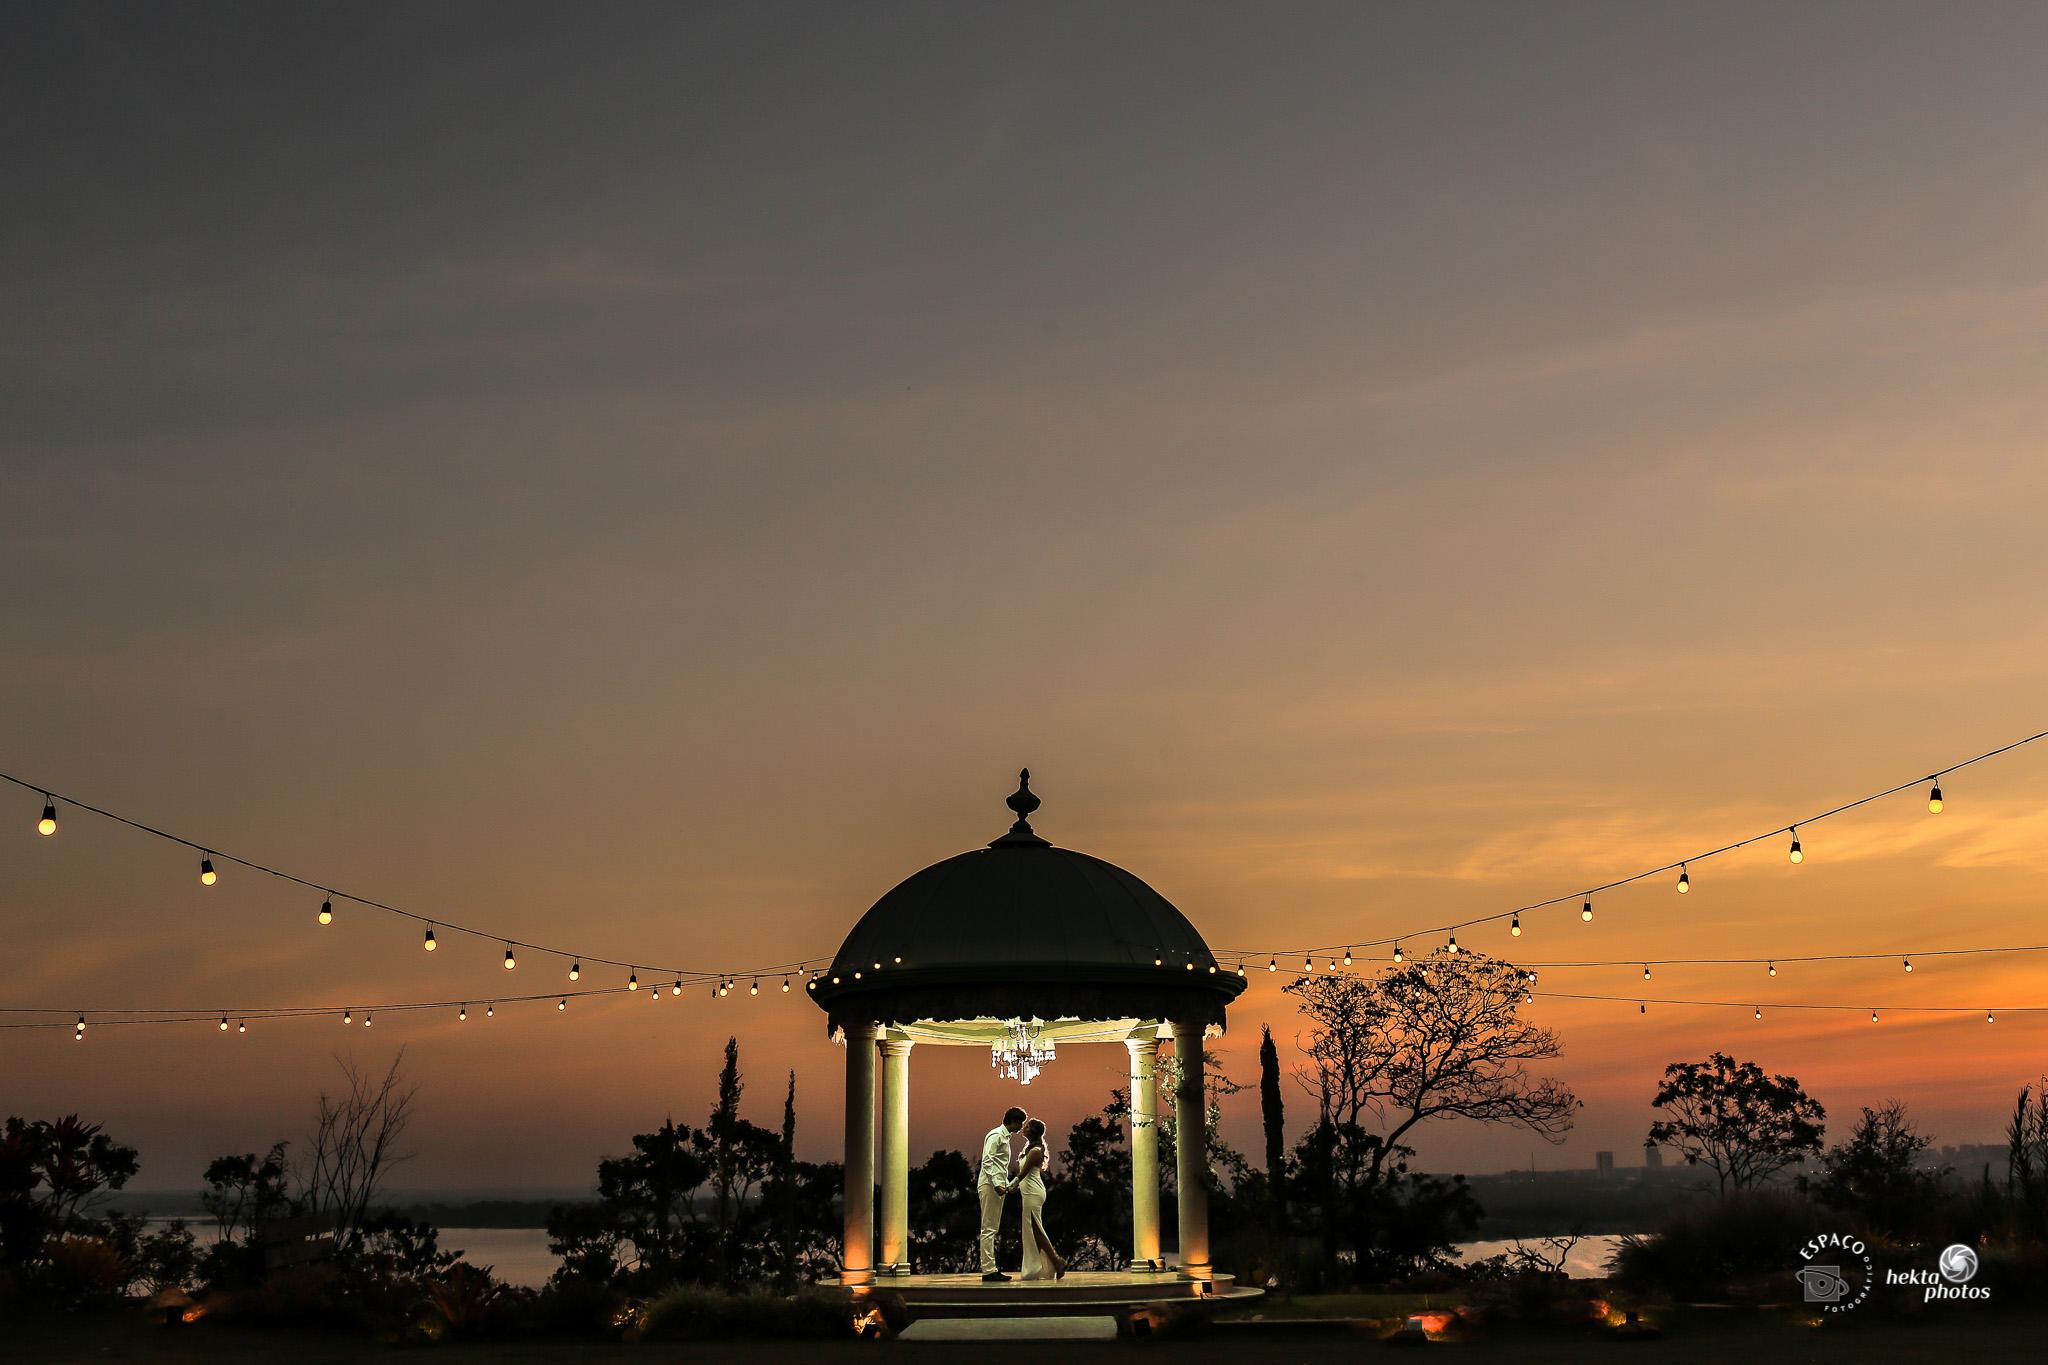 Contate Espaço Fotográfico & Hektaphotos|Fotografia de Casamento|Goiânia